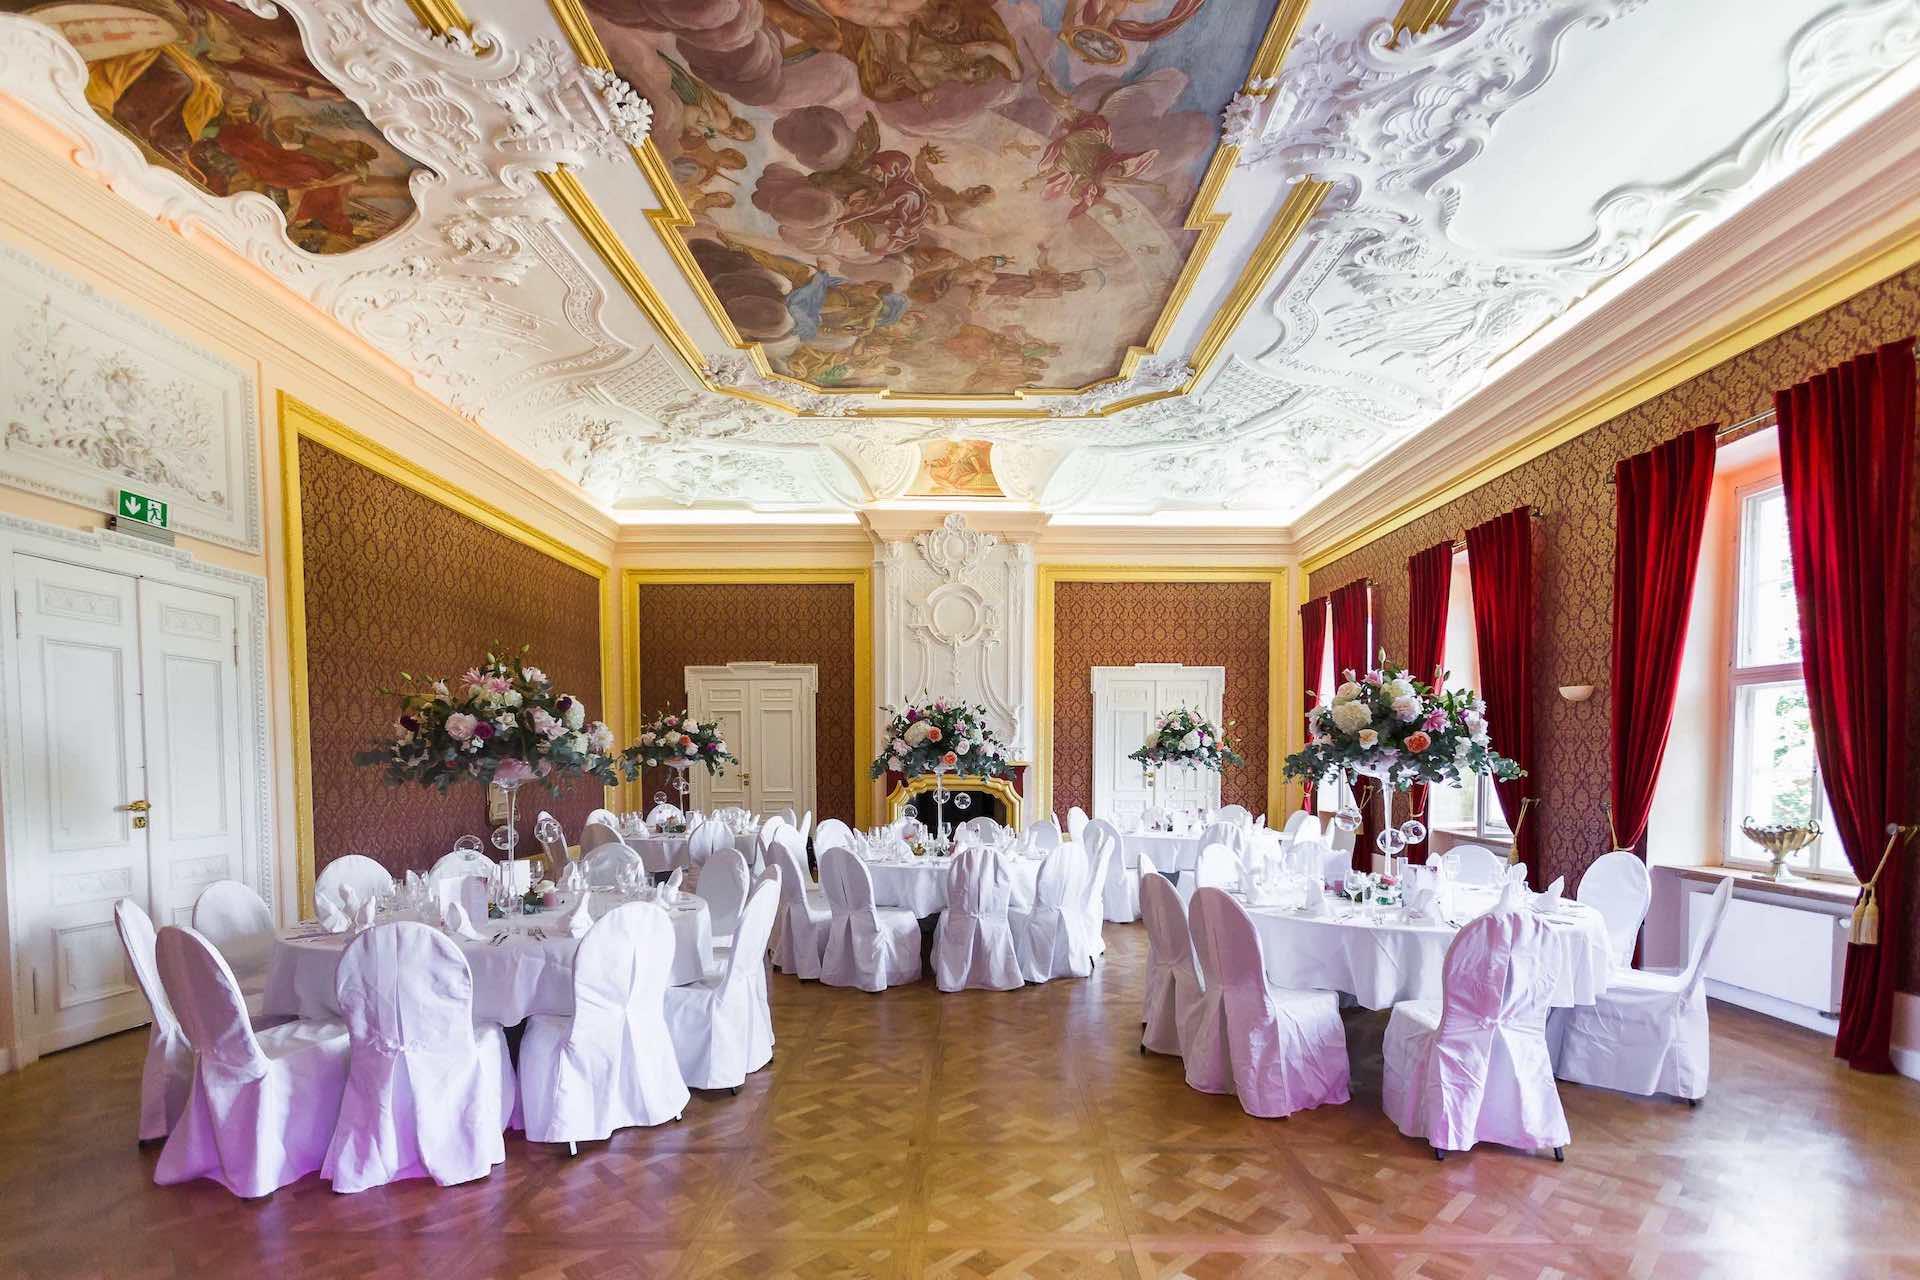 der geschmückte Festsaal von Schloss Hohenpriessnitz